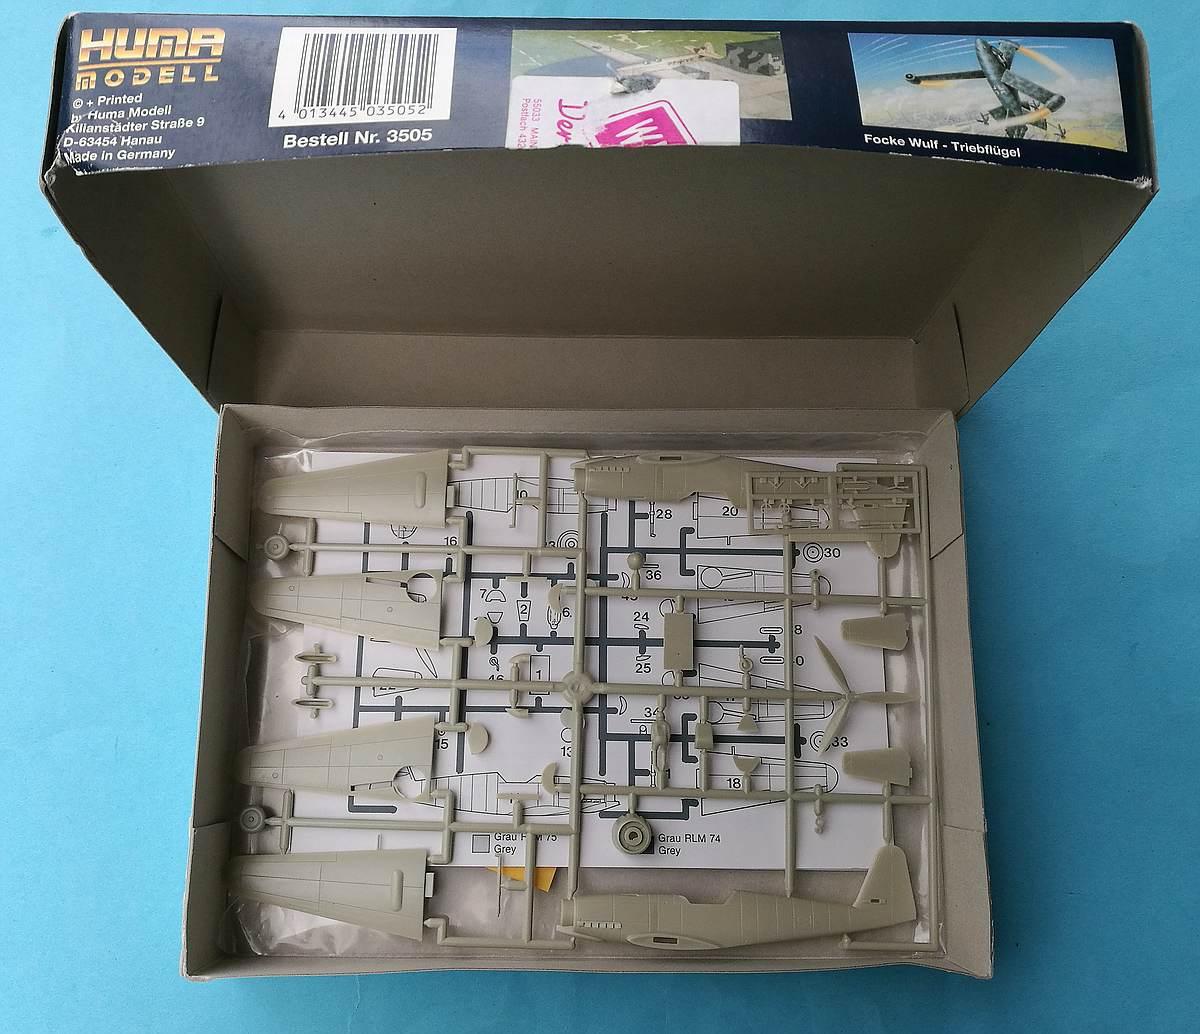 HUMA-3505-Messerschmitt-Me-209-V5-17 Kit-Archäologie - heute: Messerschmitt Me 209 V5 im Maßstab 1:72 von HUMA